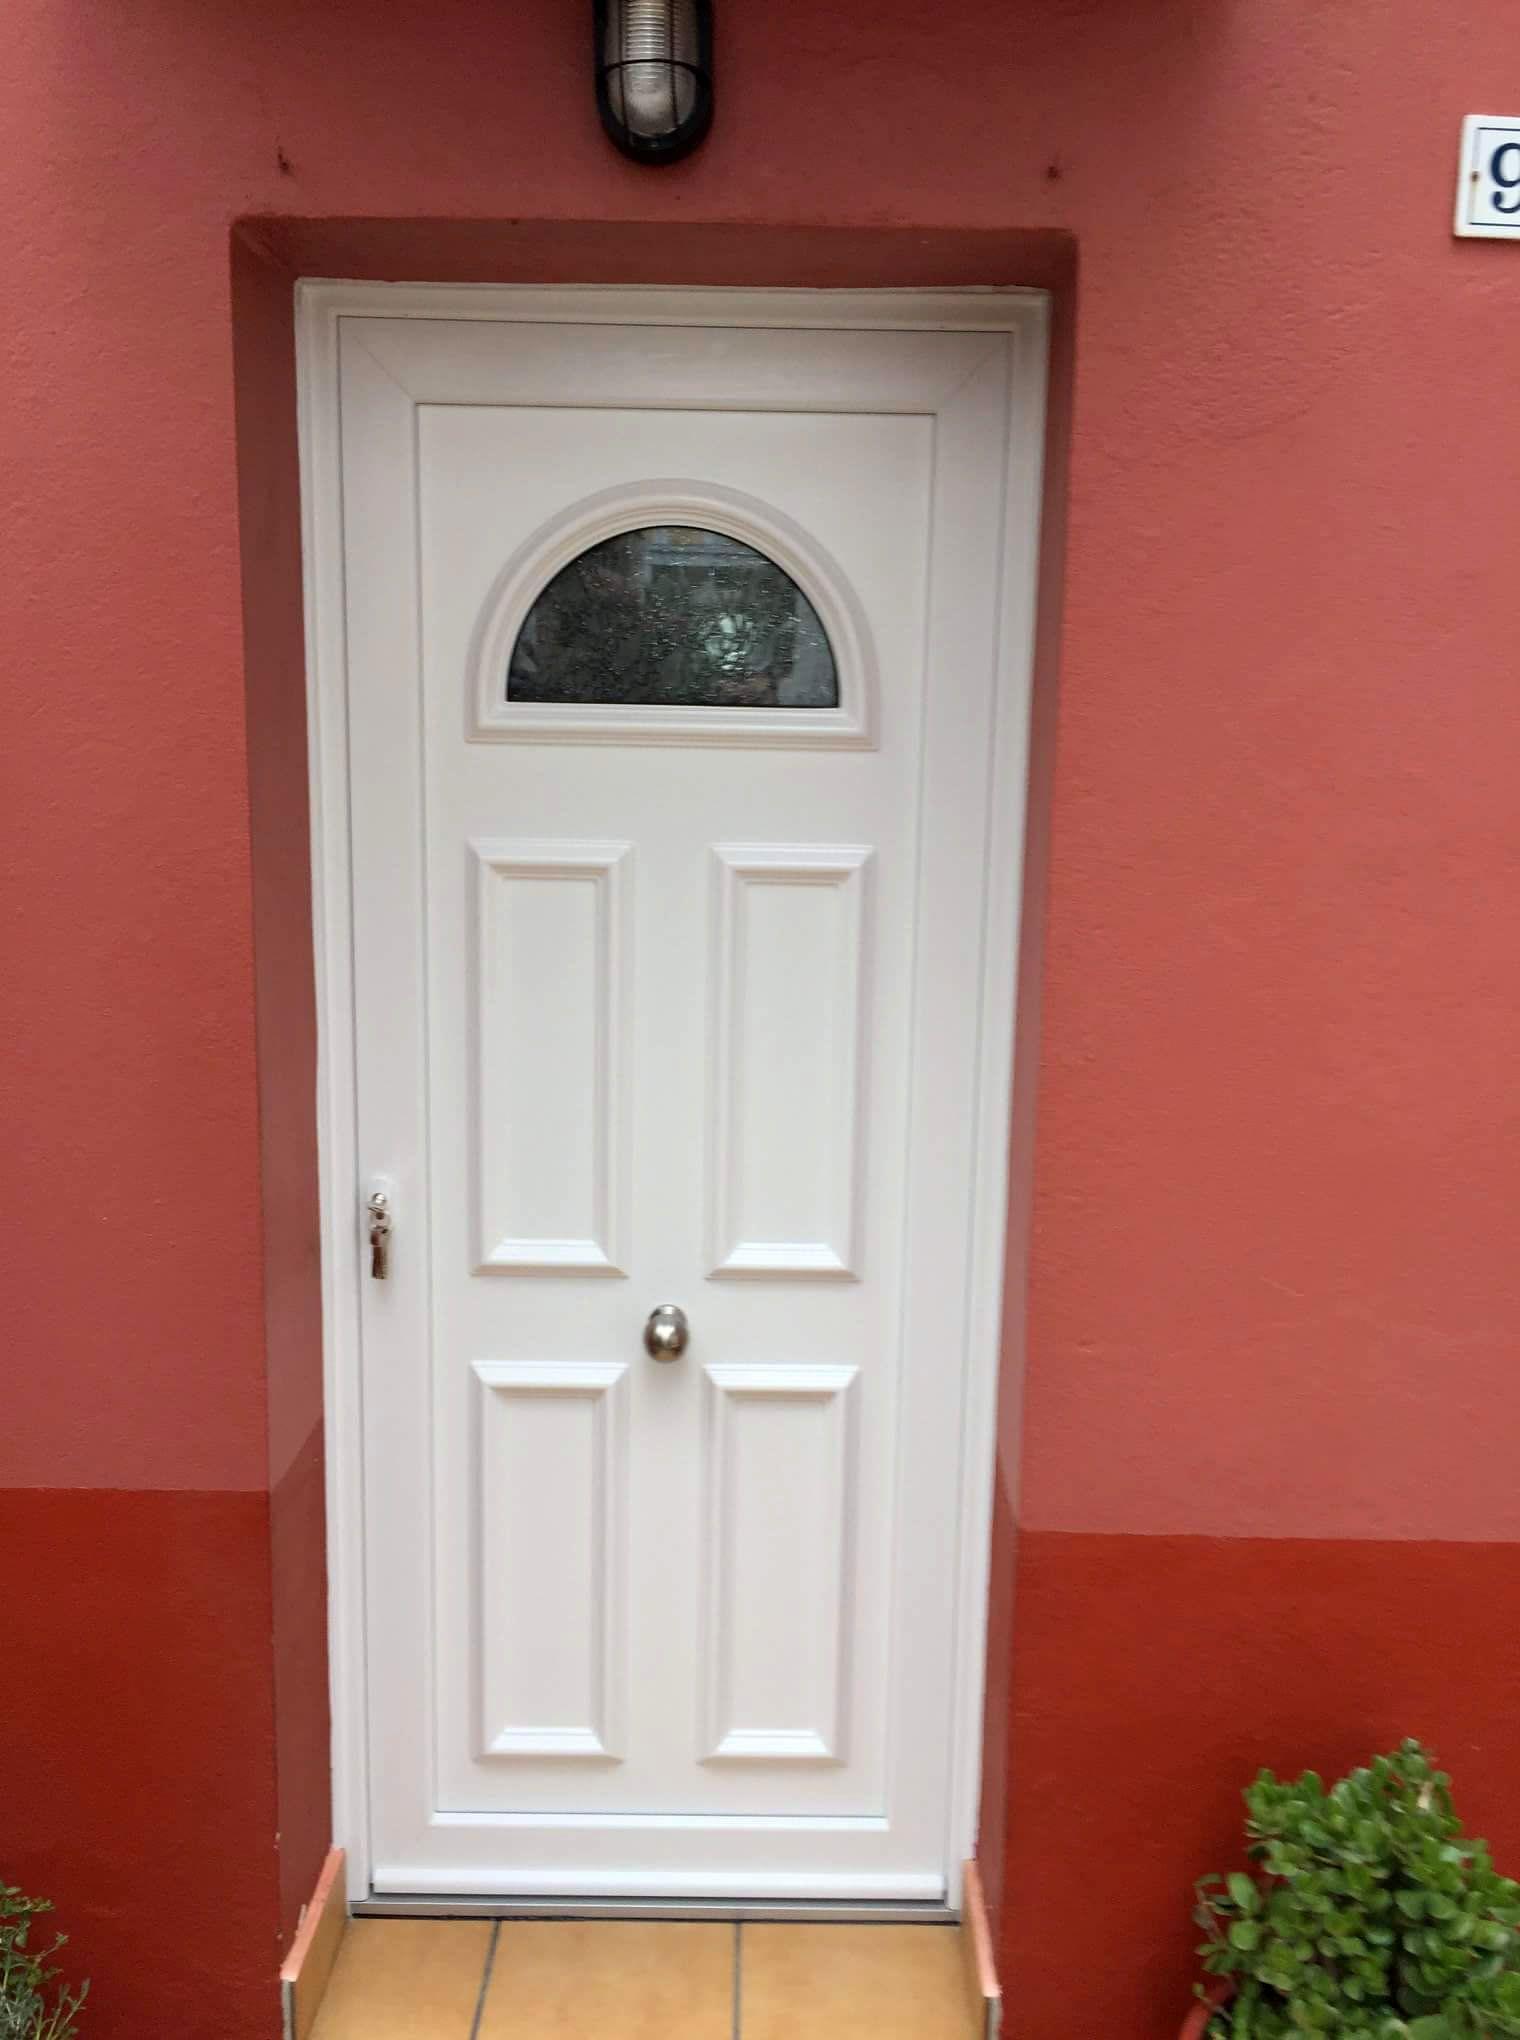 Tempo Altar Instalada En Provincia De Girona Puertas En Casas Http Www Indupanel Es Obras Indup Puertas De Aluminio Blanco Puertas Puertas De Aluminio